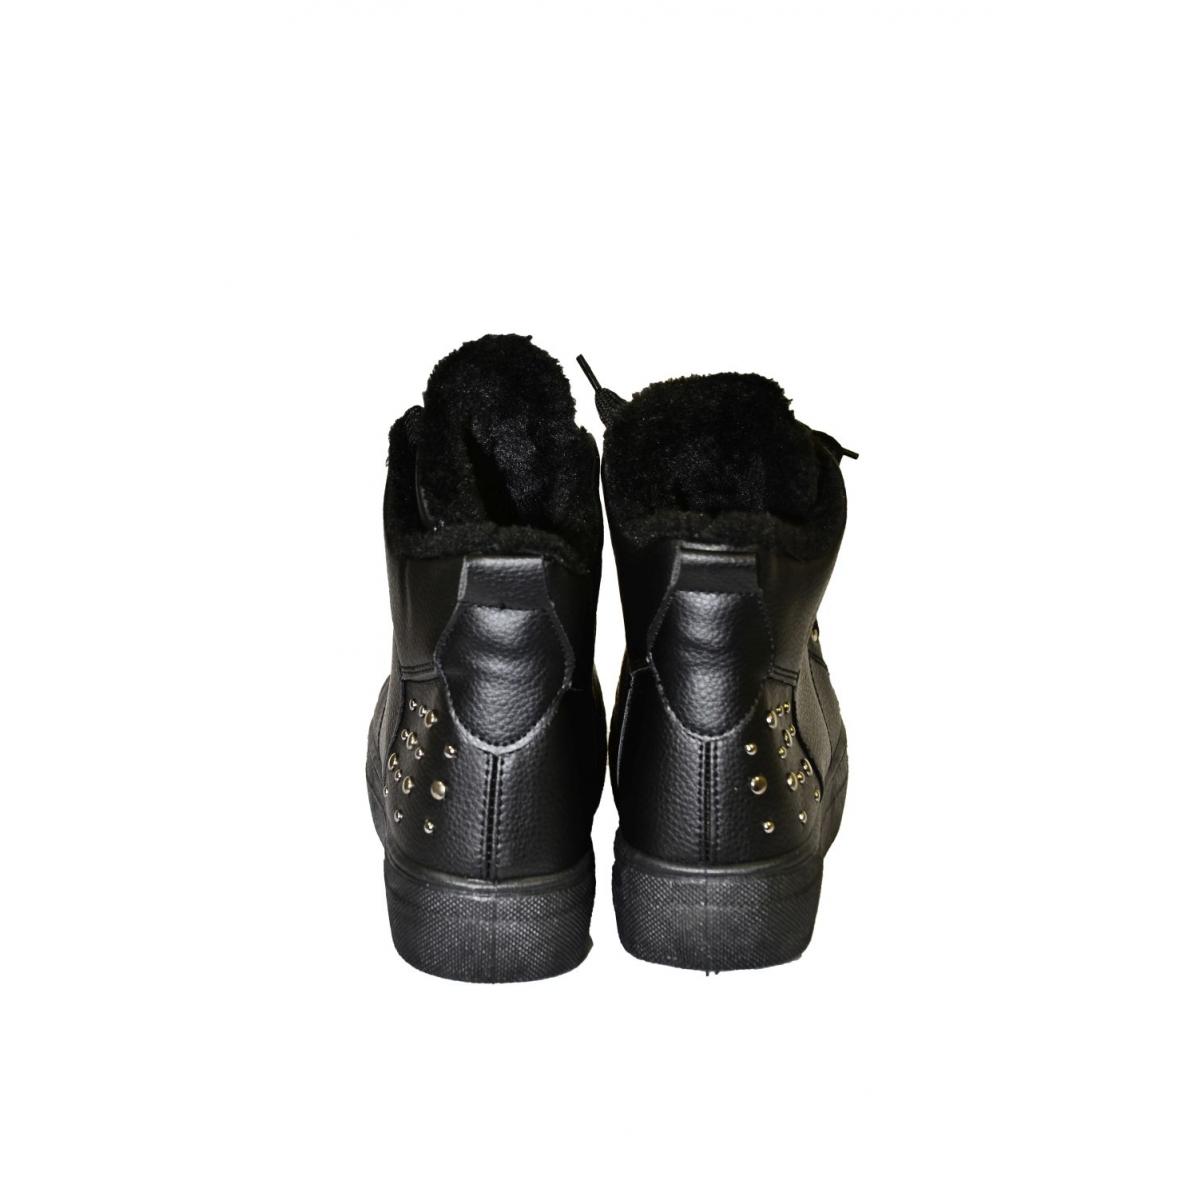 Dámske topánky SARAH - 4 318bebed09e